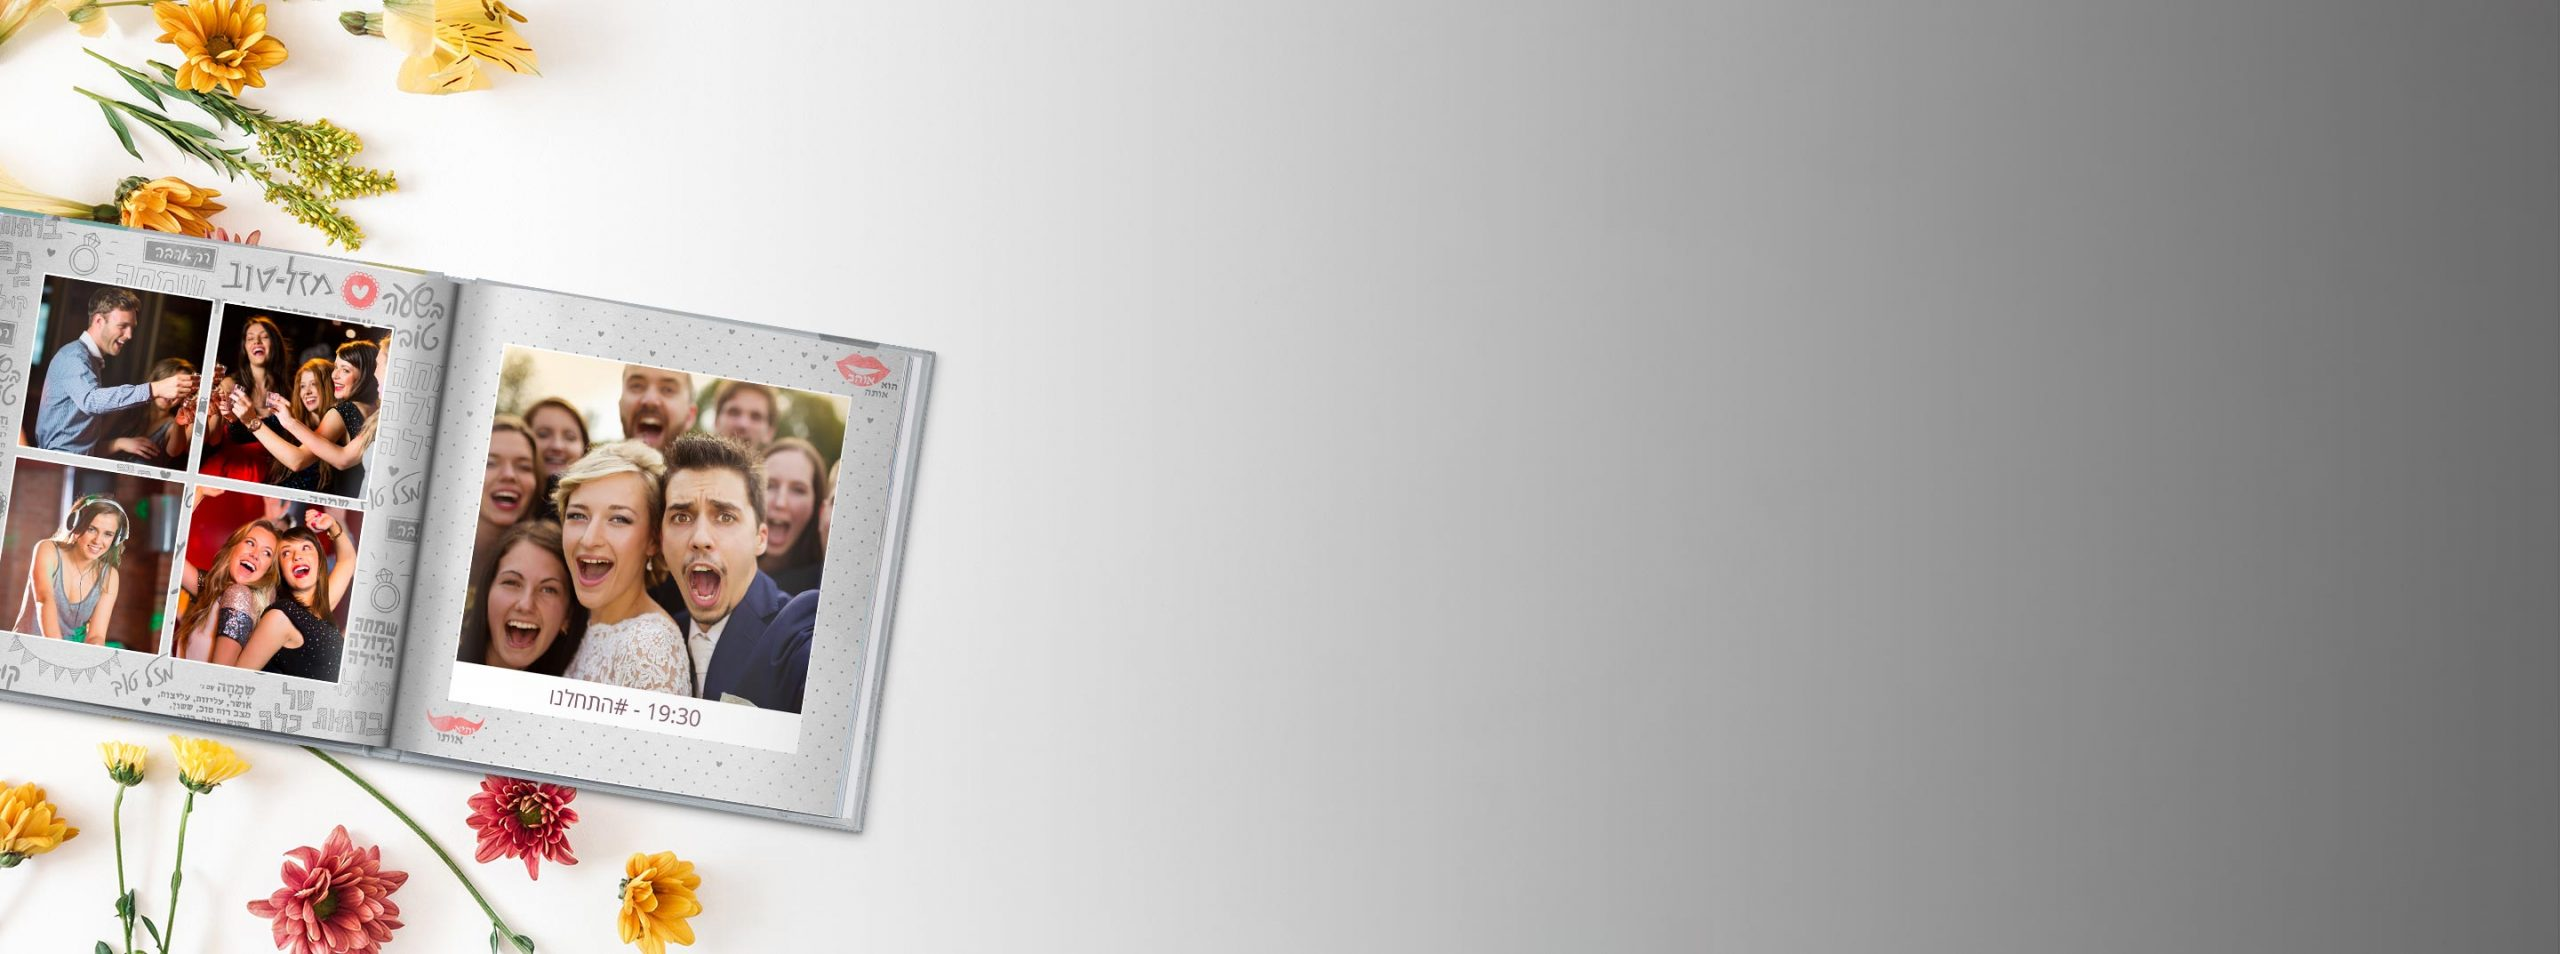 אלבום החתונה הלא-רשמי